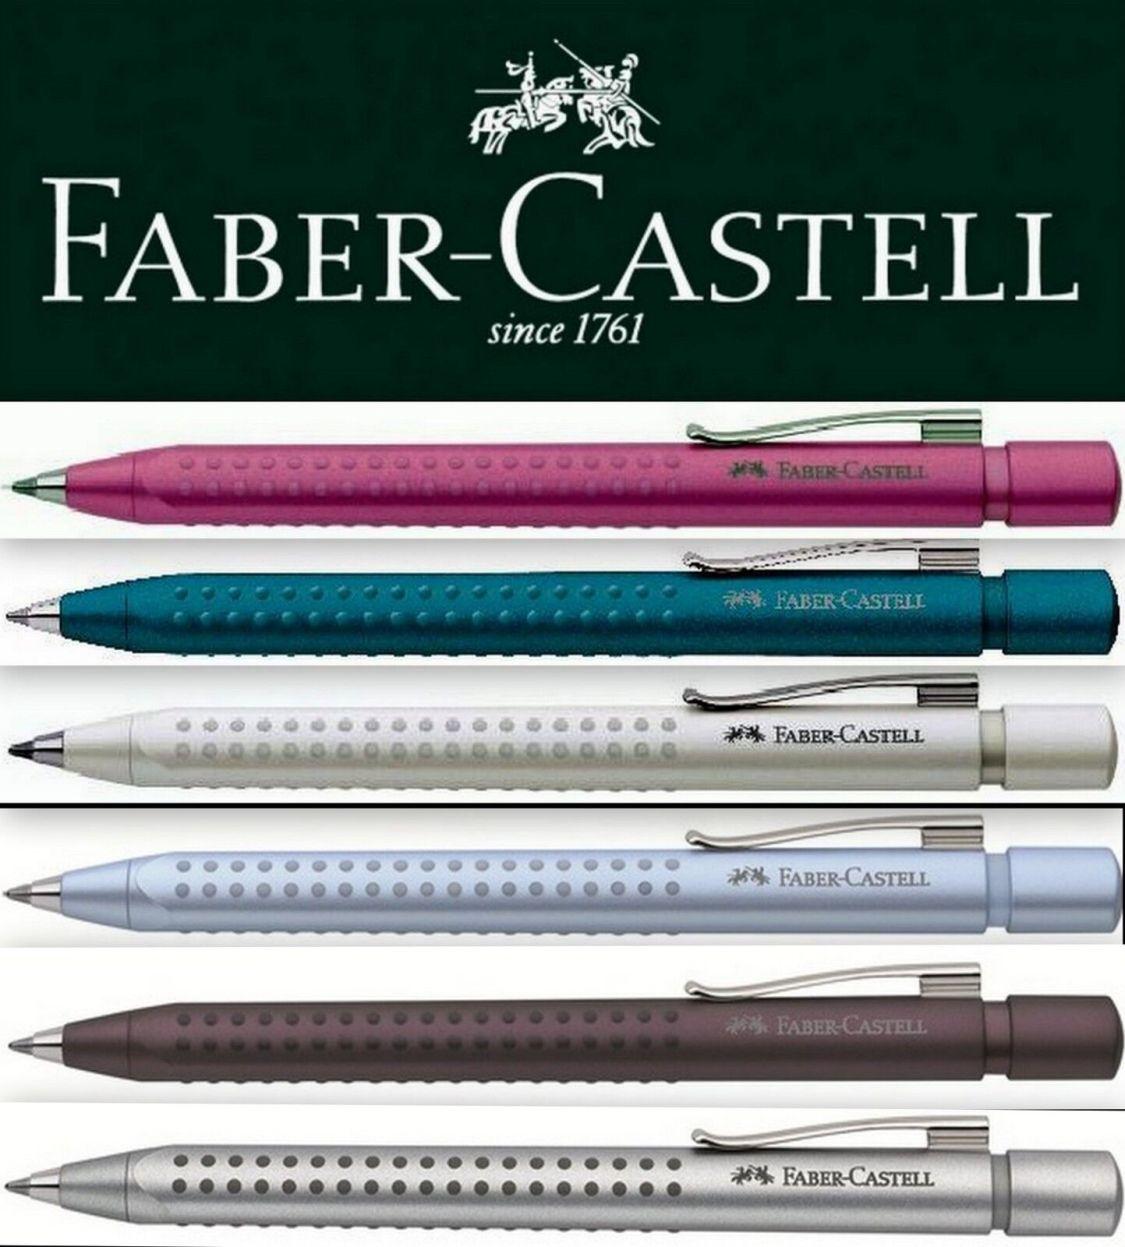 Faber-Castell GRIP 2011 Kugelschreiber pink petrol violett grün silber braun